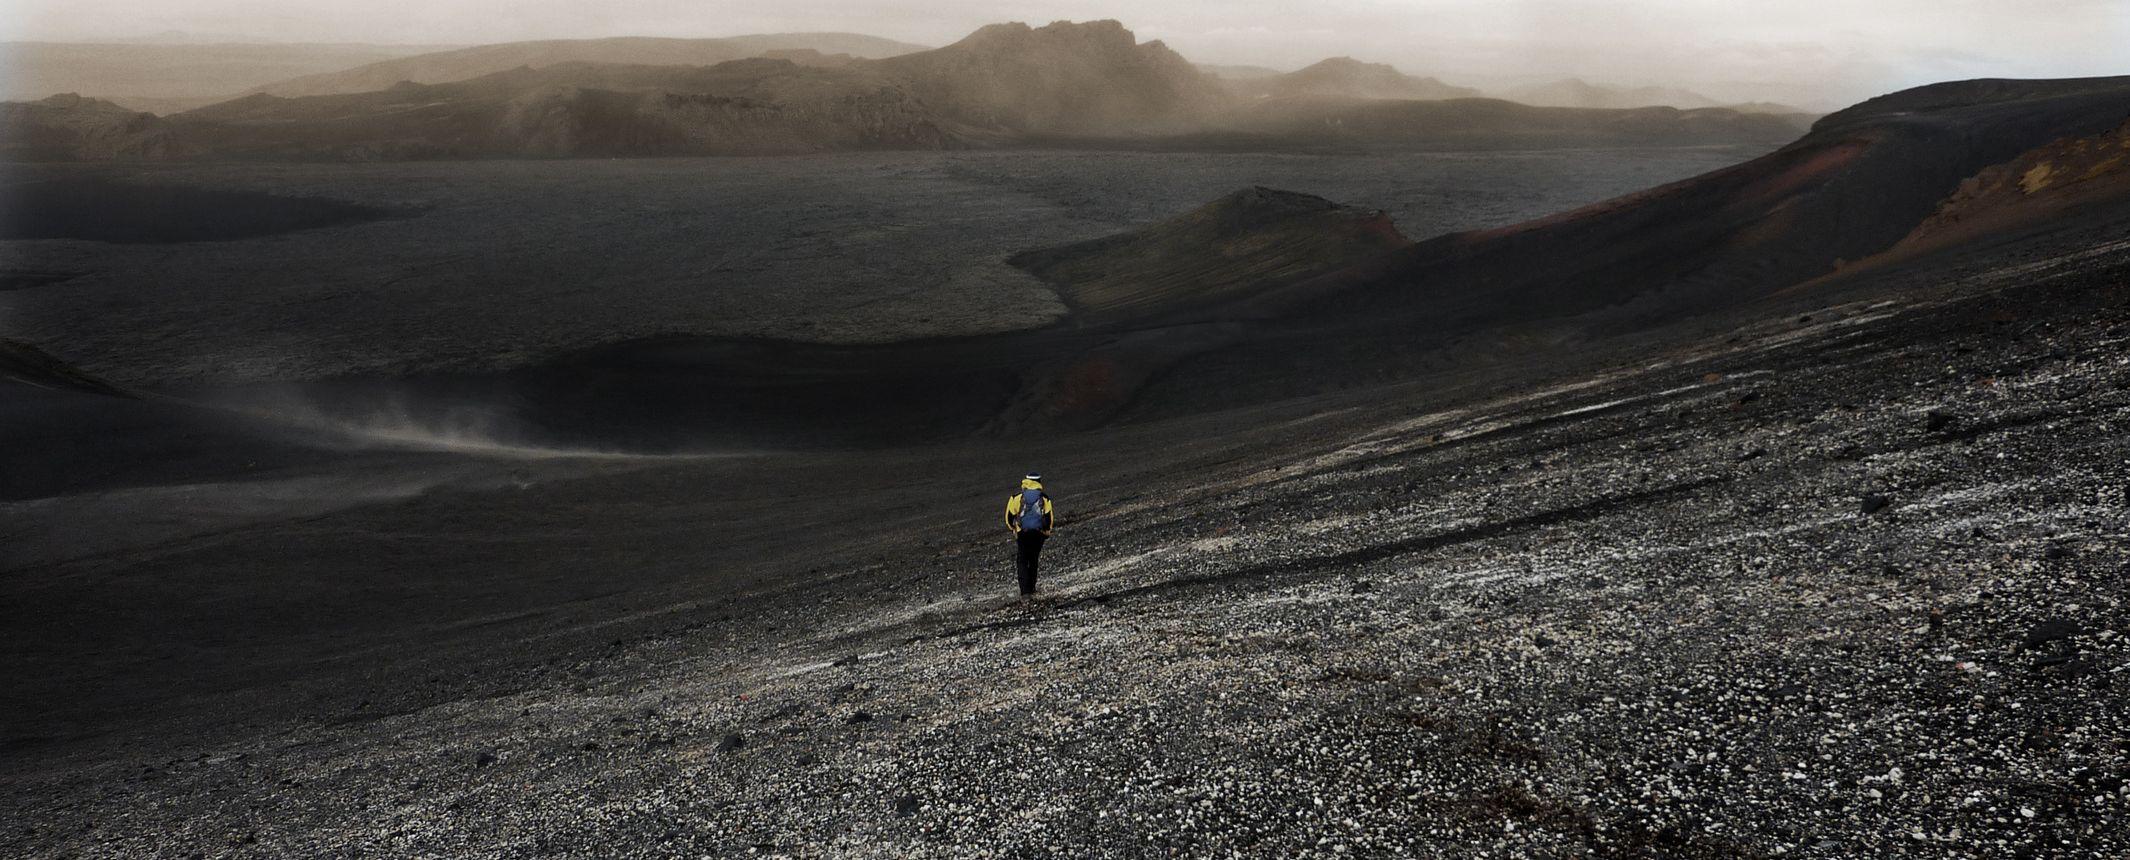 Islandia - Travesía de Norte a Sur y trekking en las Highlands